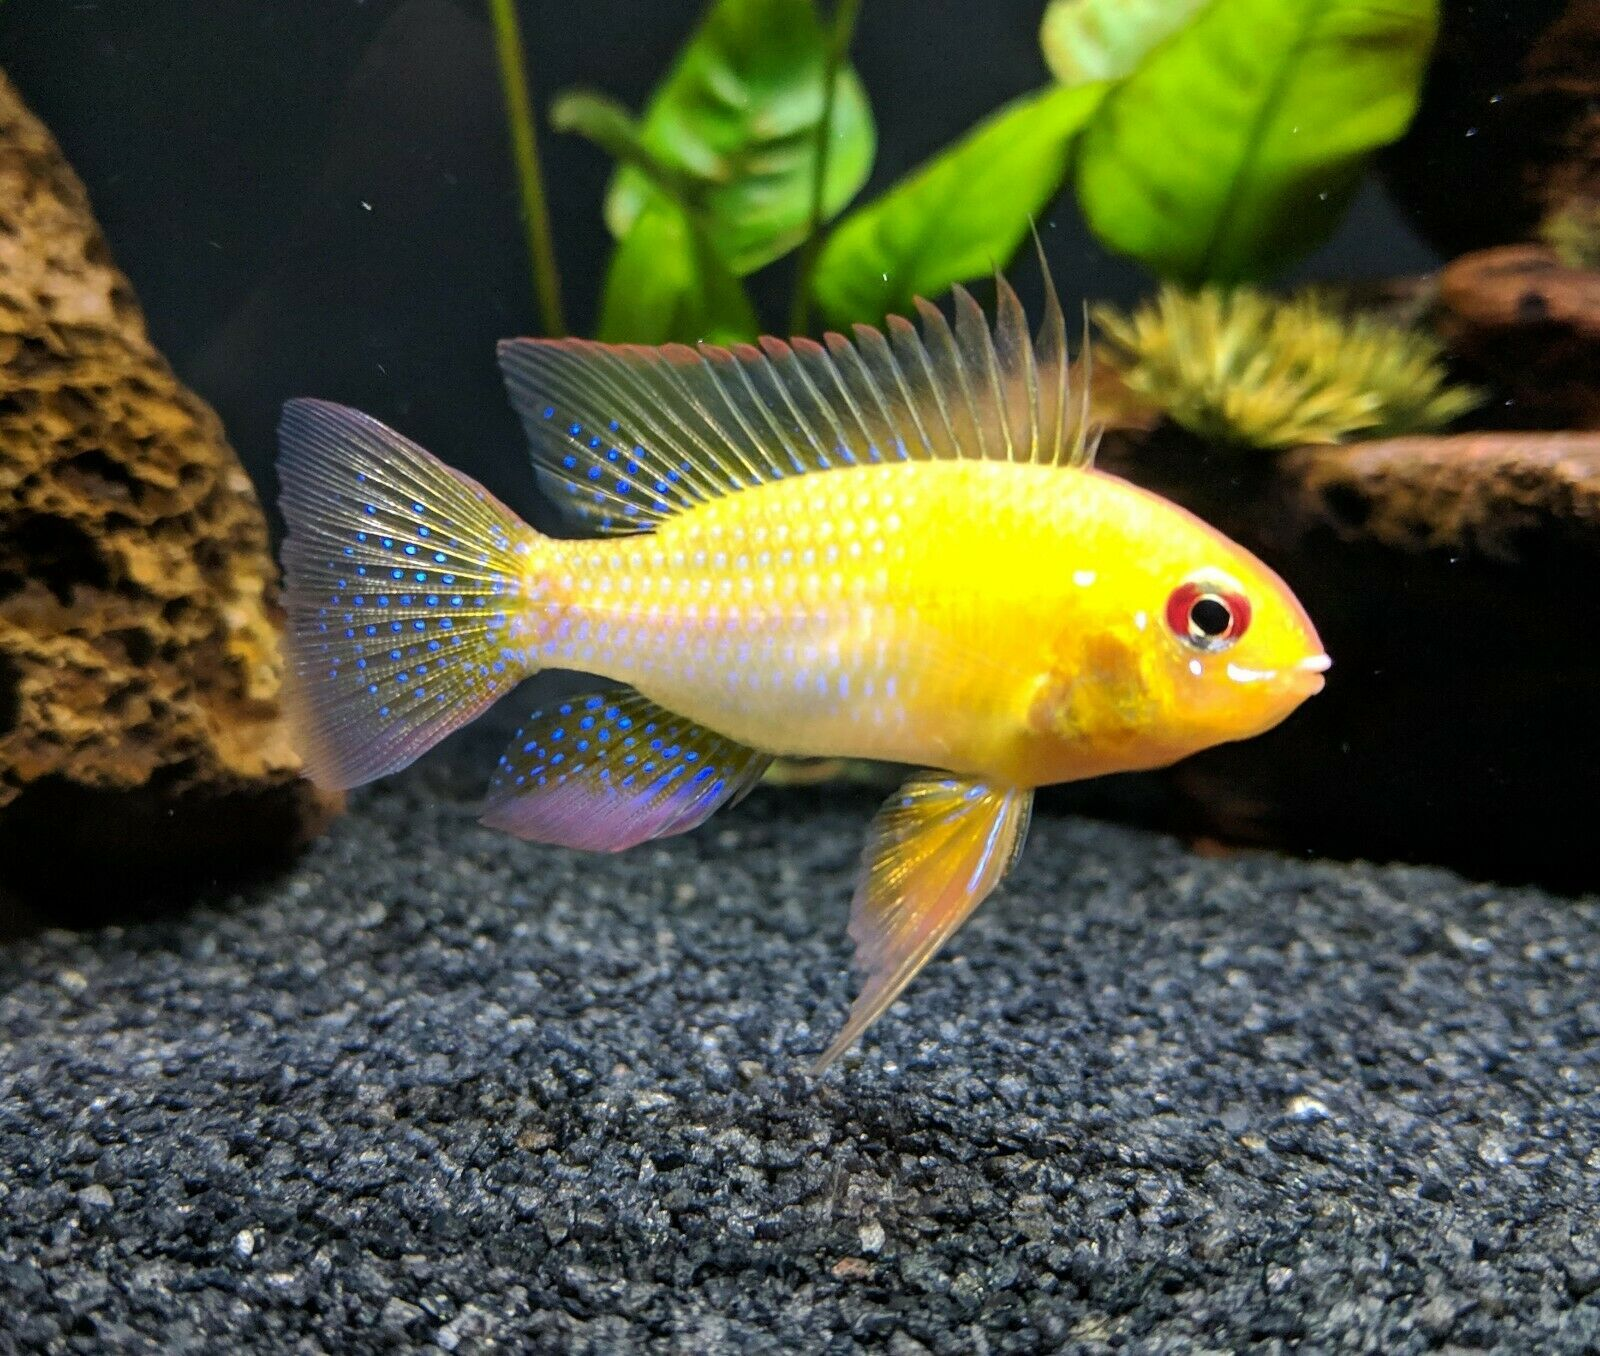 Gold Ram Cichlid 16 00 Expedited Shipping Cichlids Aquarium Fish Live Aquarium Fish